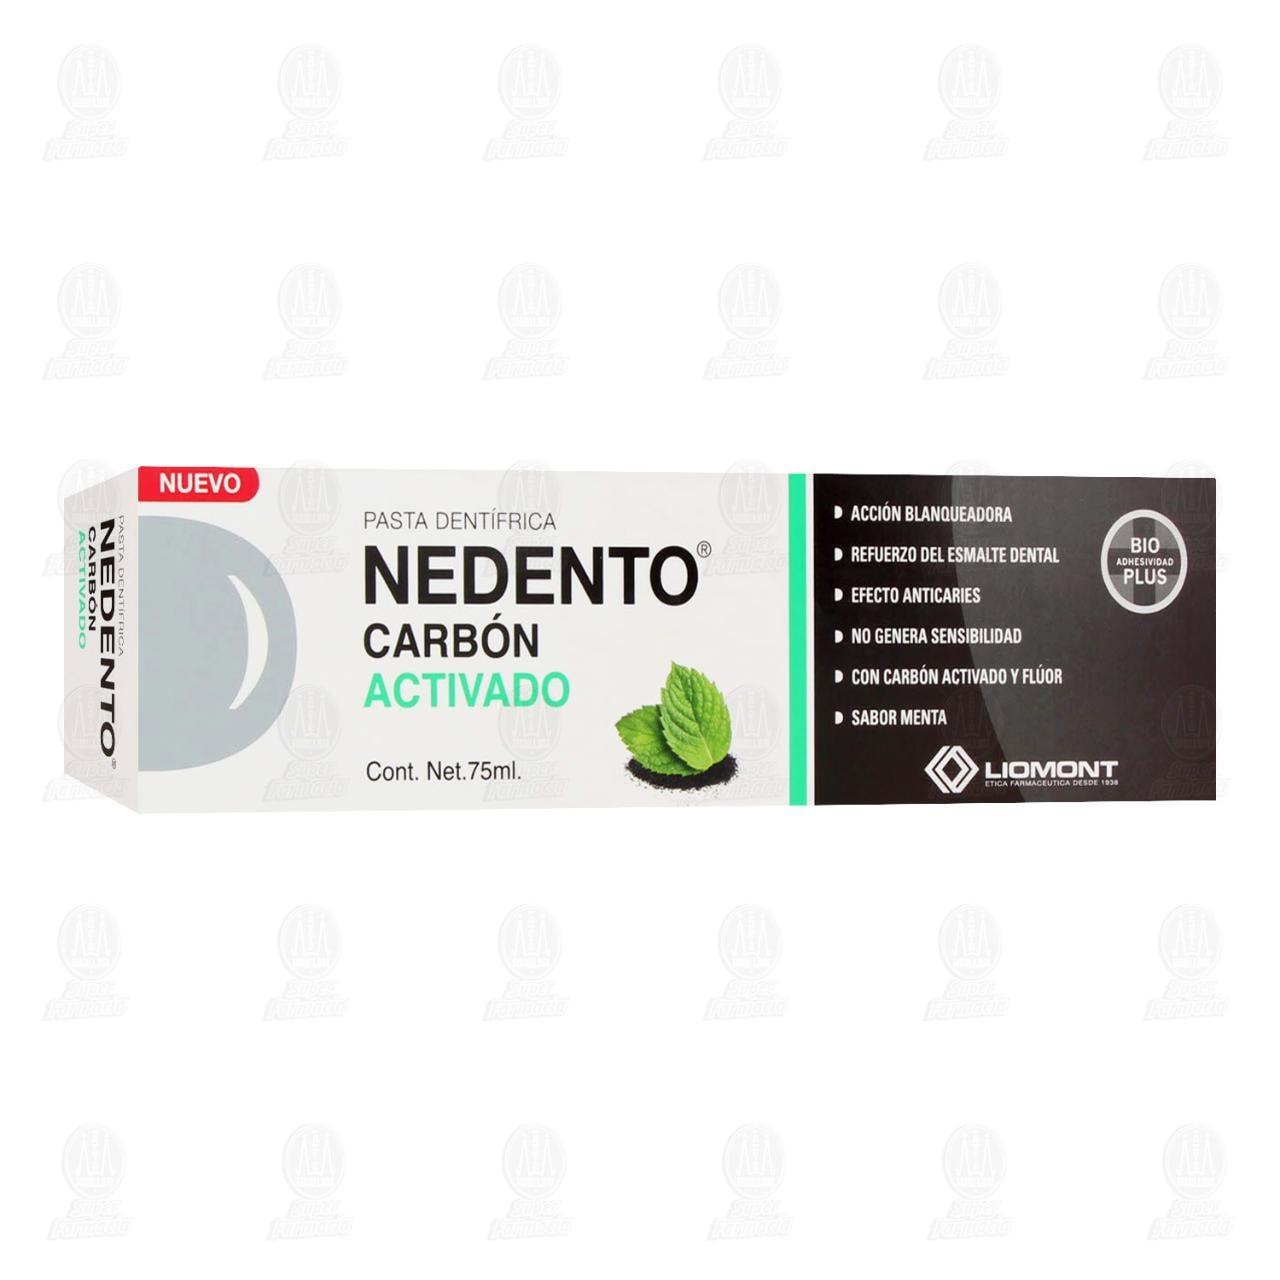 Comprar Pasta Dental Nedento Carbón Activado, 75 ml. en Farmacias Guadalajara